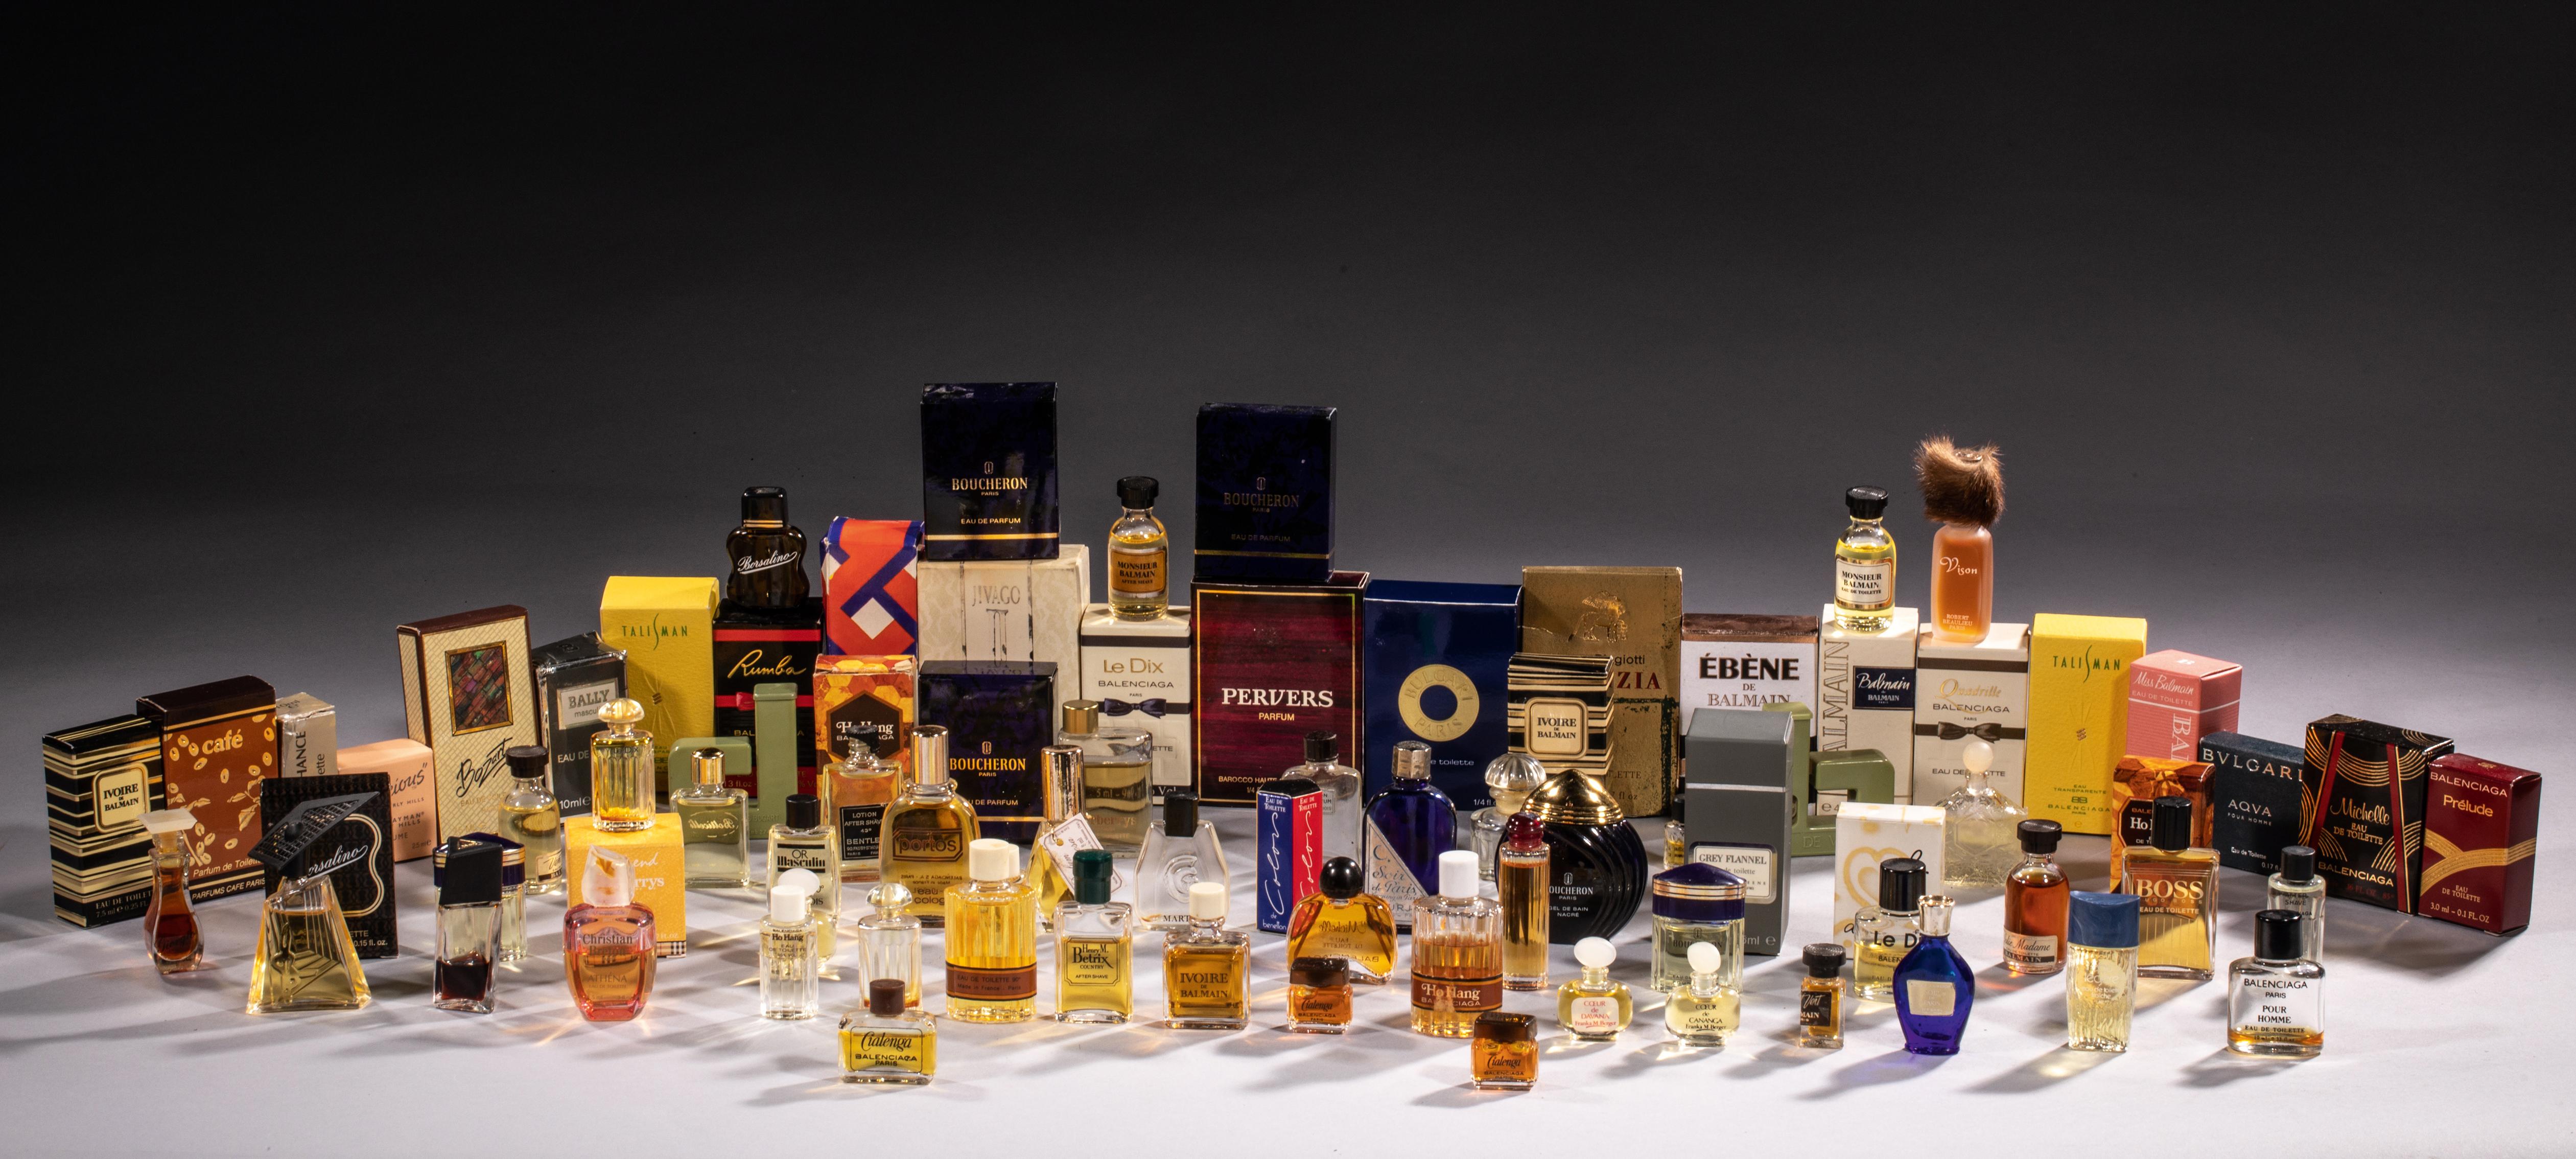 Catalogue Vintage Parfumerie Et Haute Mode De La Vente À g7yIb6vYfm